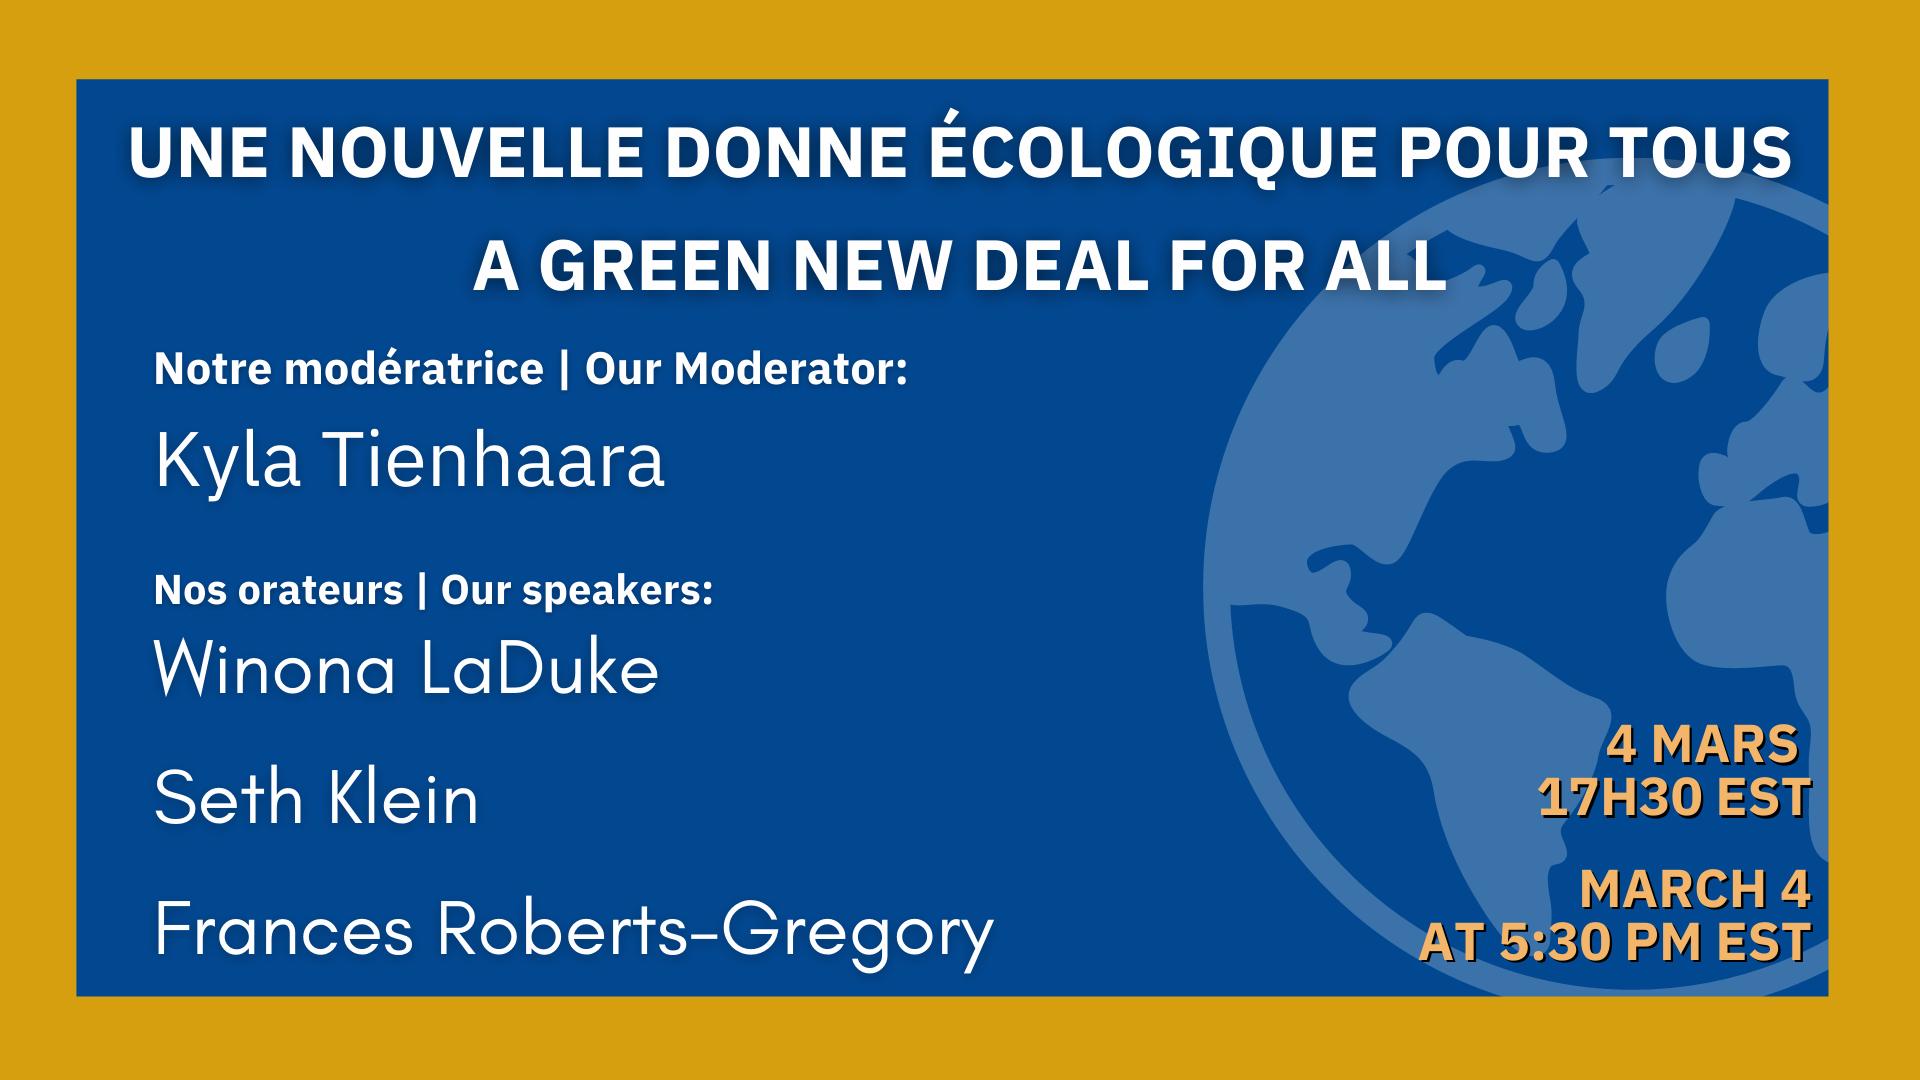 A Green New Deal For All | Une Nouvelle Donne écologique pour tous